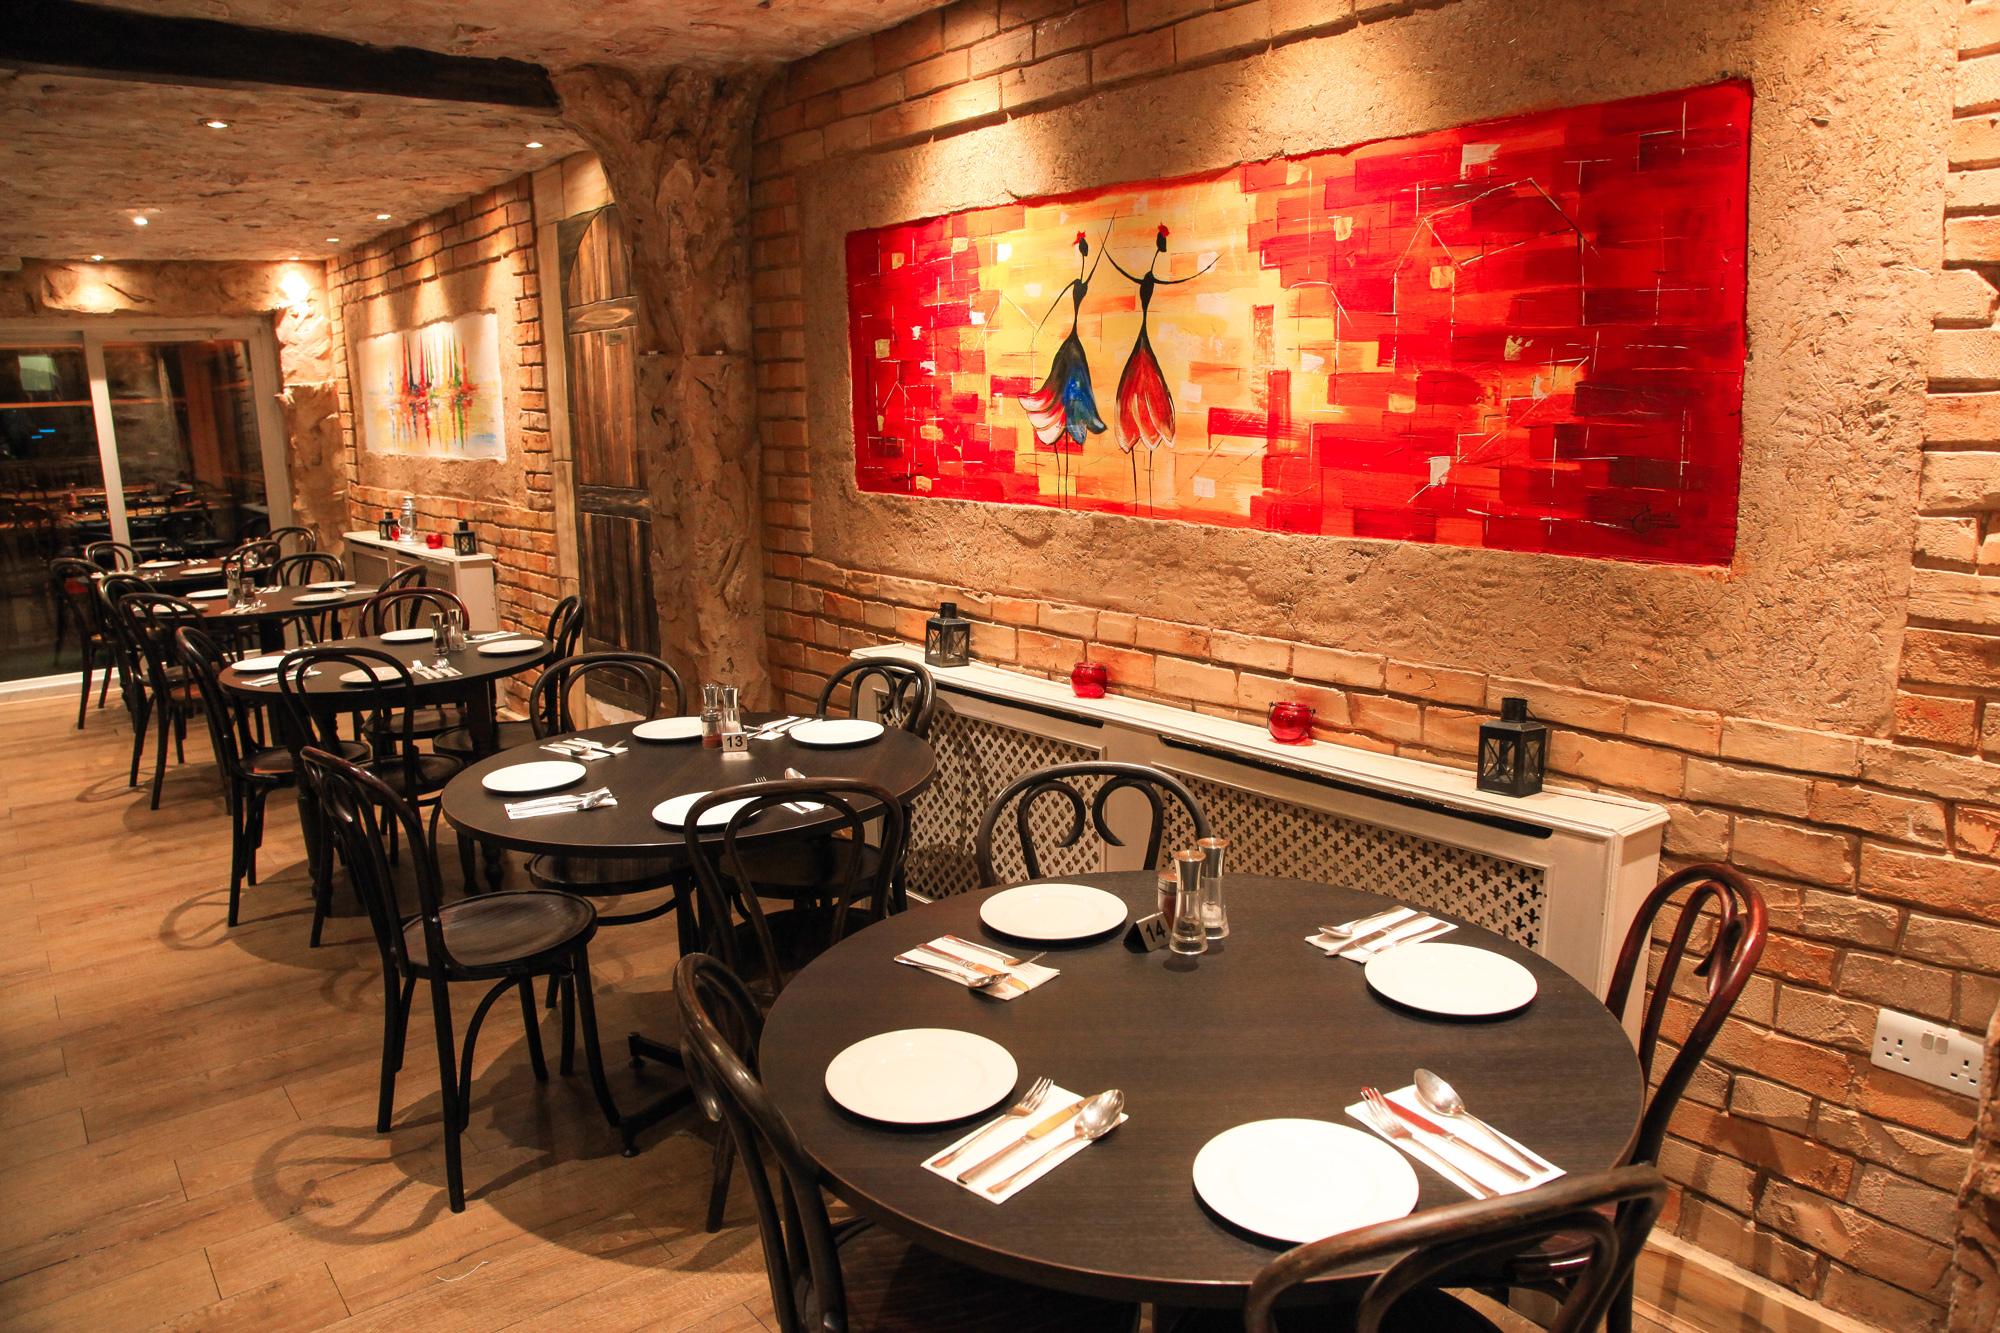 Narenj restaurant and shisha bar